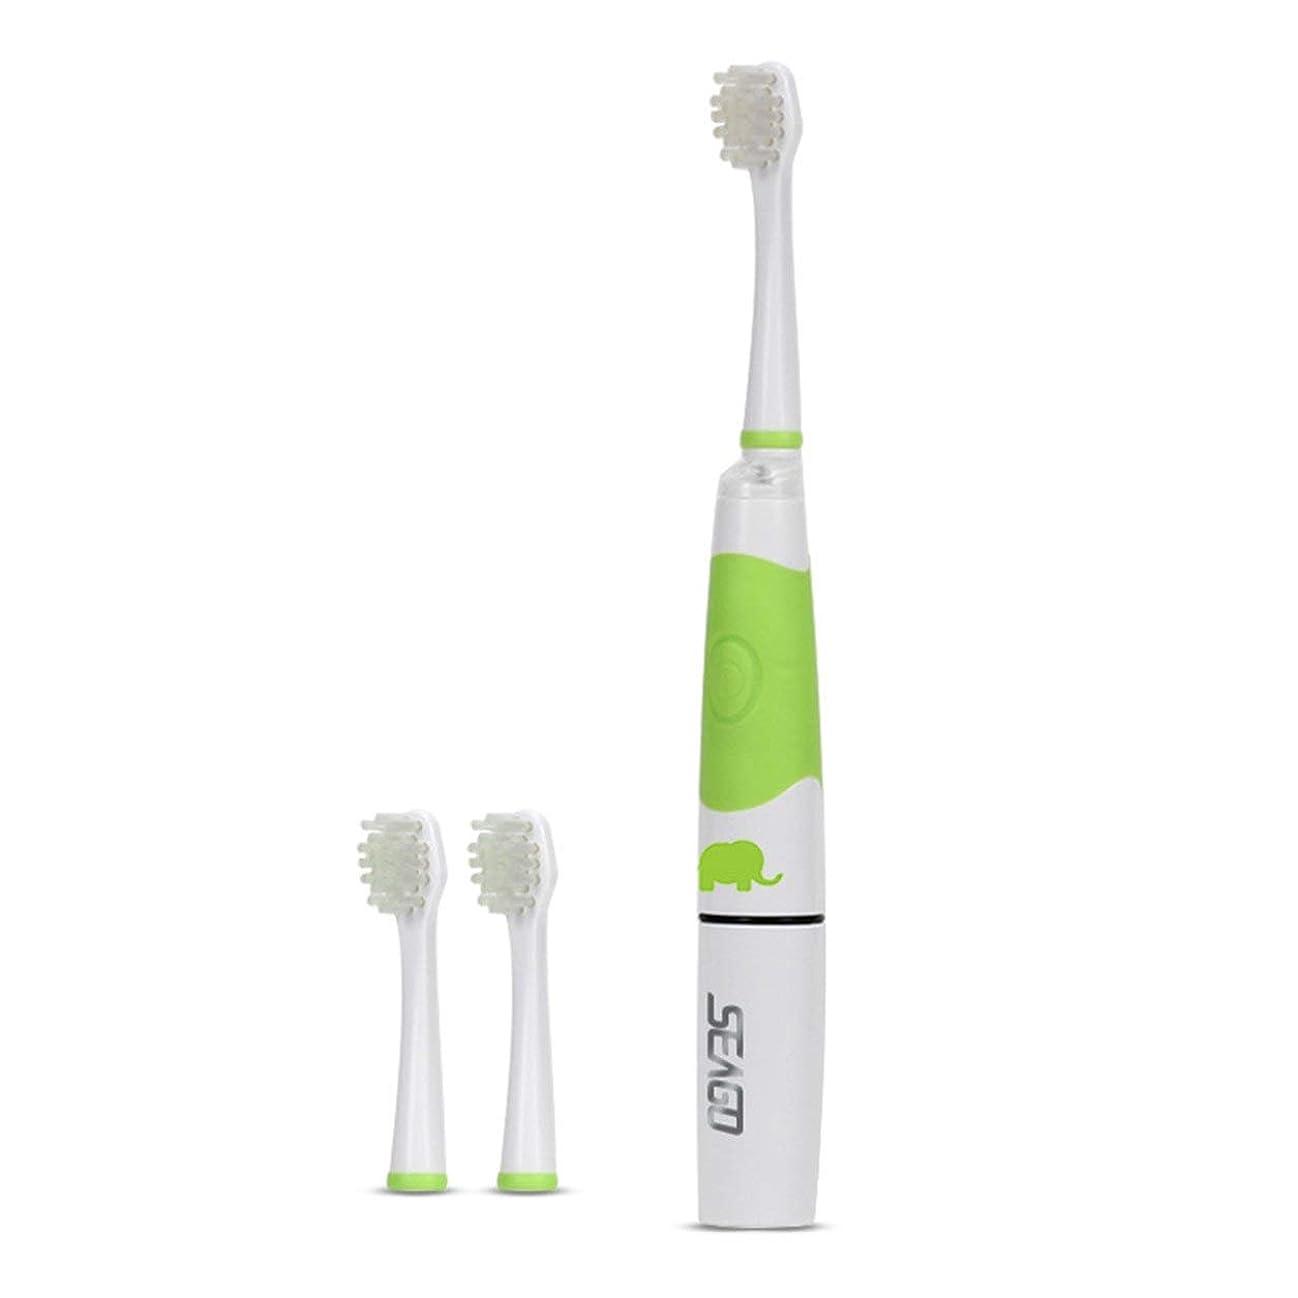 スポンジ悪魔後世Saikogoods 電動歯ブラシ 3ブラシヘッドインテリジェントLEDライトオーラルケアデンタルソニック歯ブラシでSeago SG-618子供の電動歯ブラシ 緑